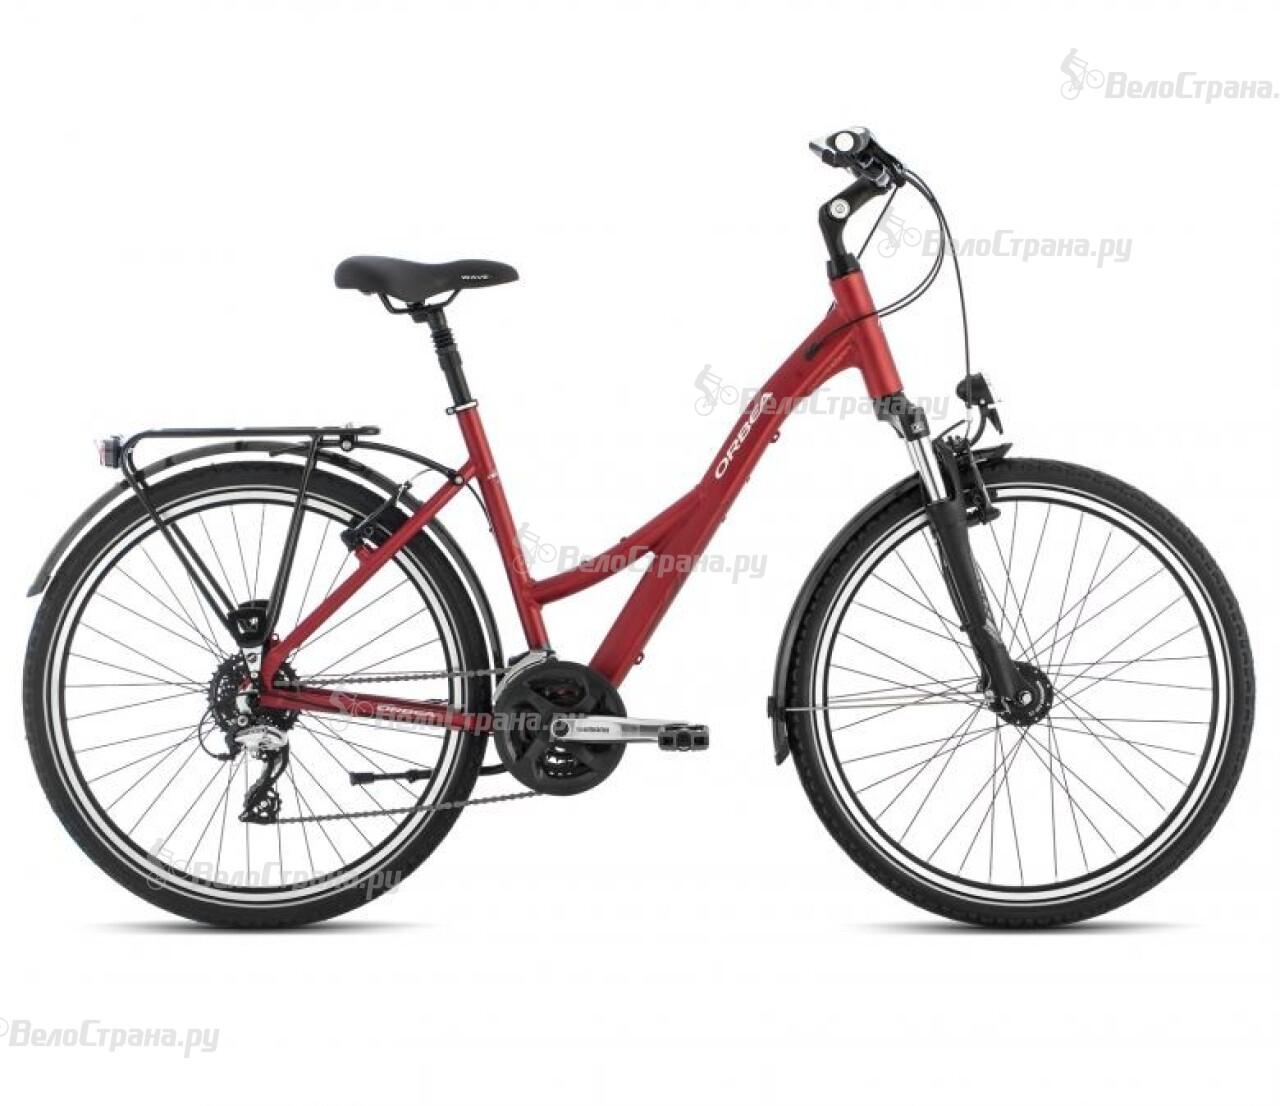 Велосипед Orbea Comfort 26 20 Open Eq (2014) велосипед orbea comfort 26 30 open eq 2014